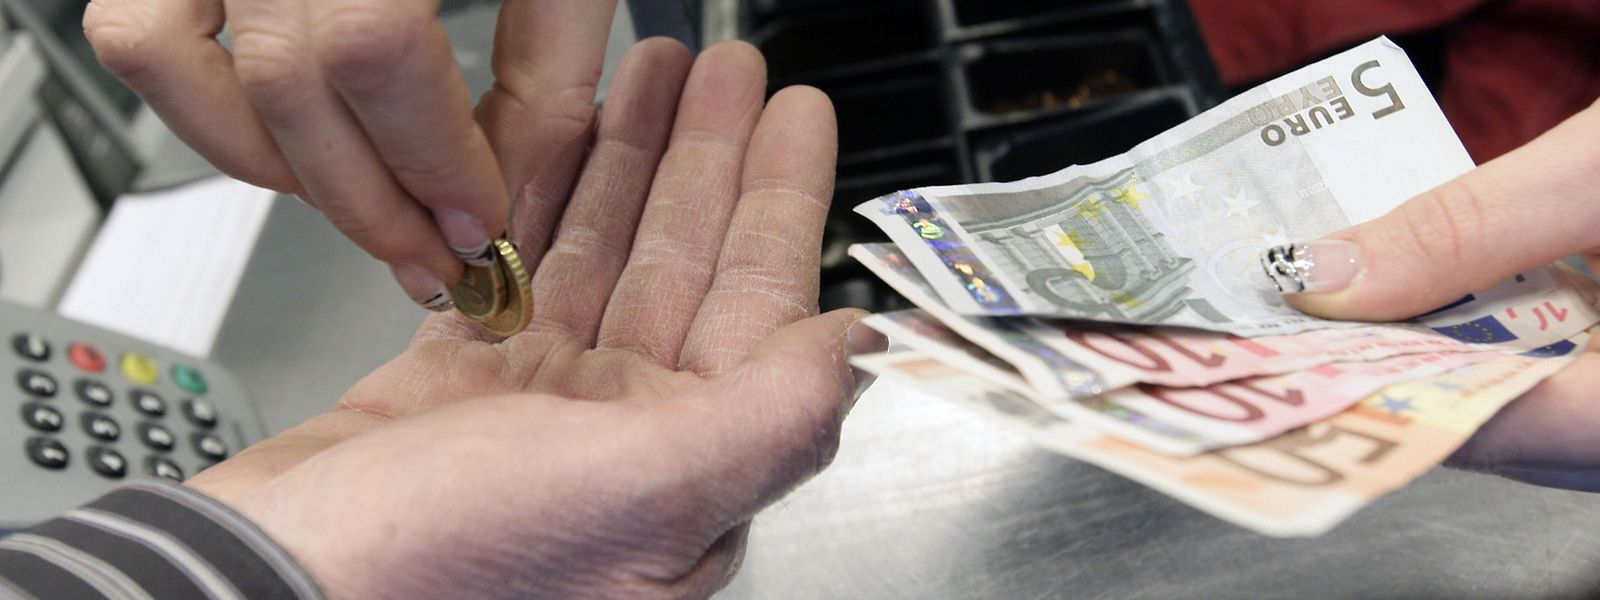 Zahlungen mit Bargeld sollten so weit wie möglich vermieden werden.